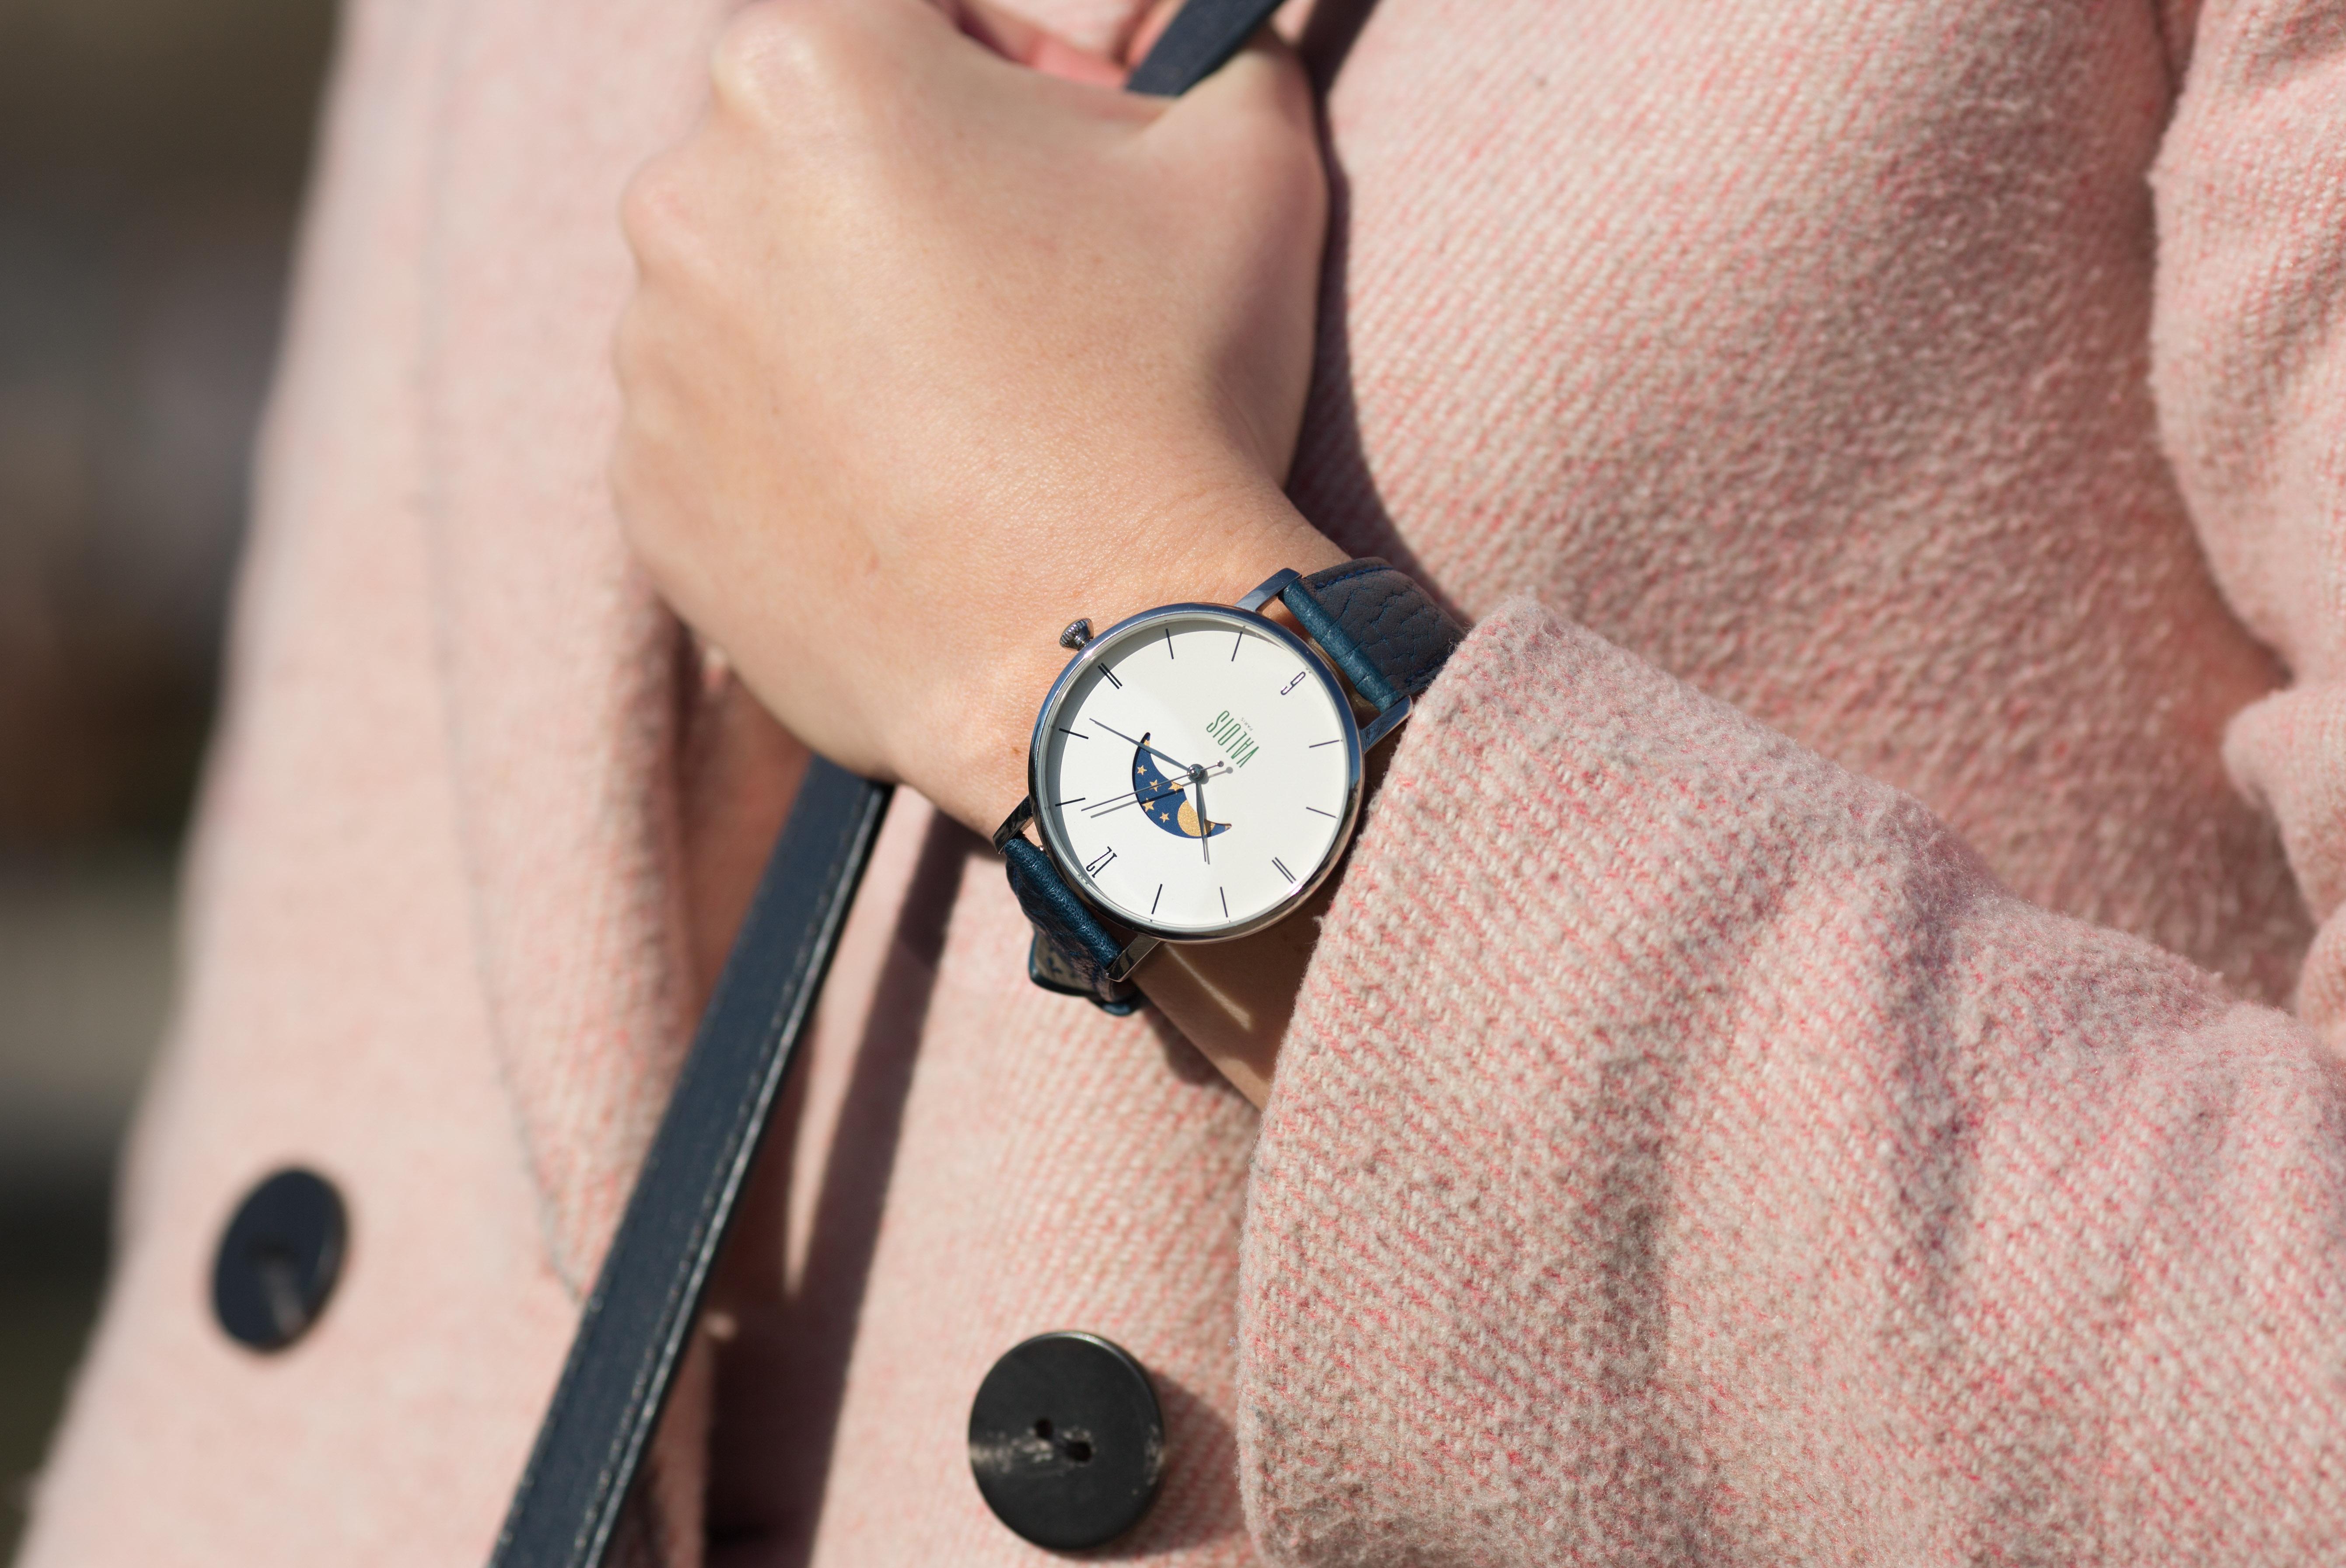 Montre Valois bracelet en cuir bleu portée par une femme au manteau rose